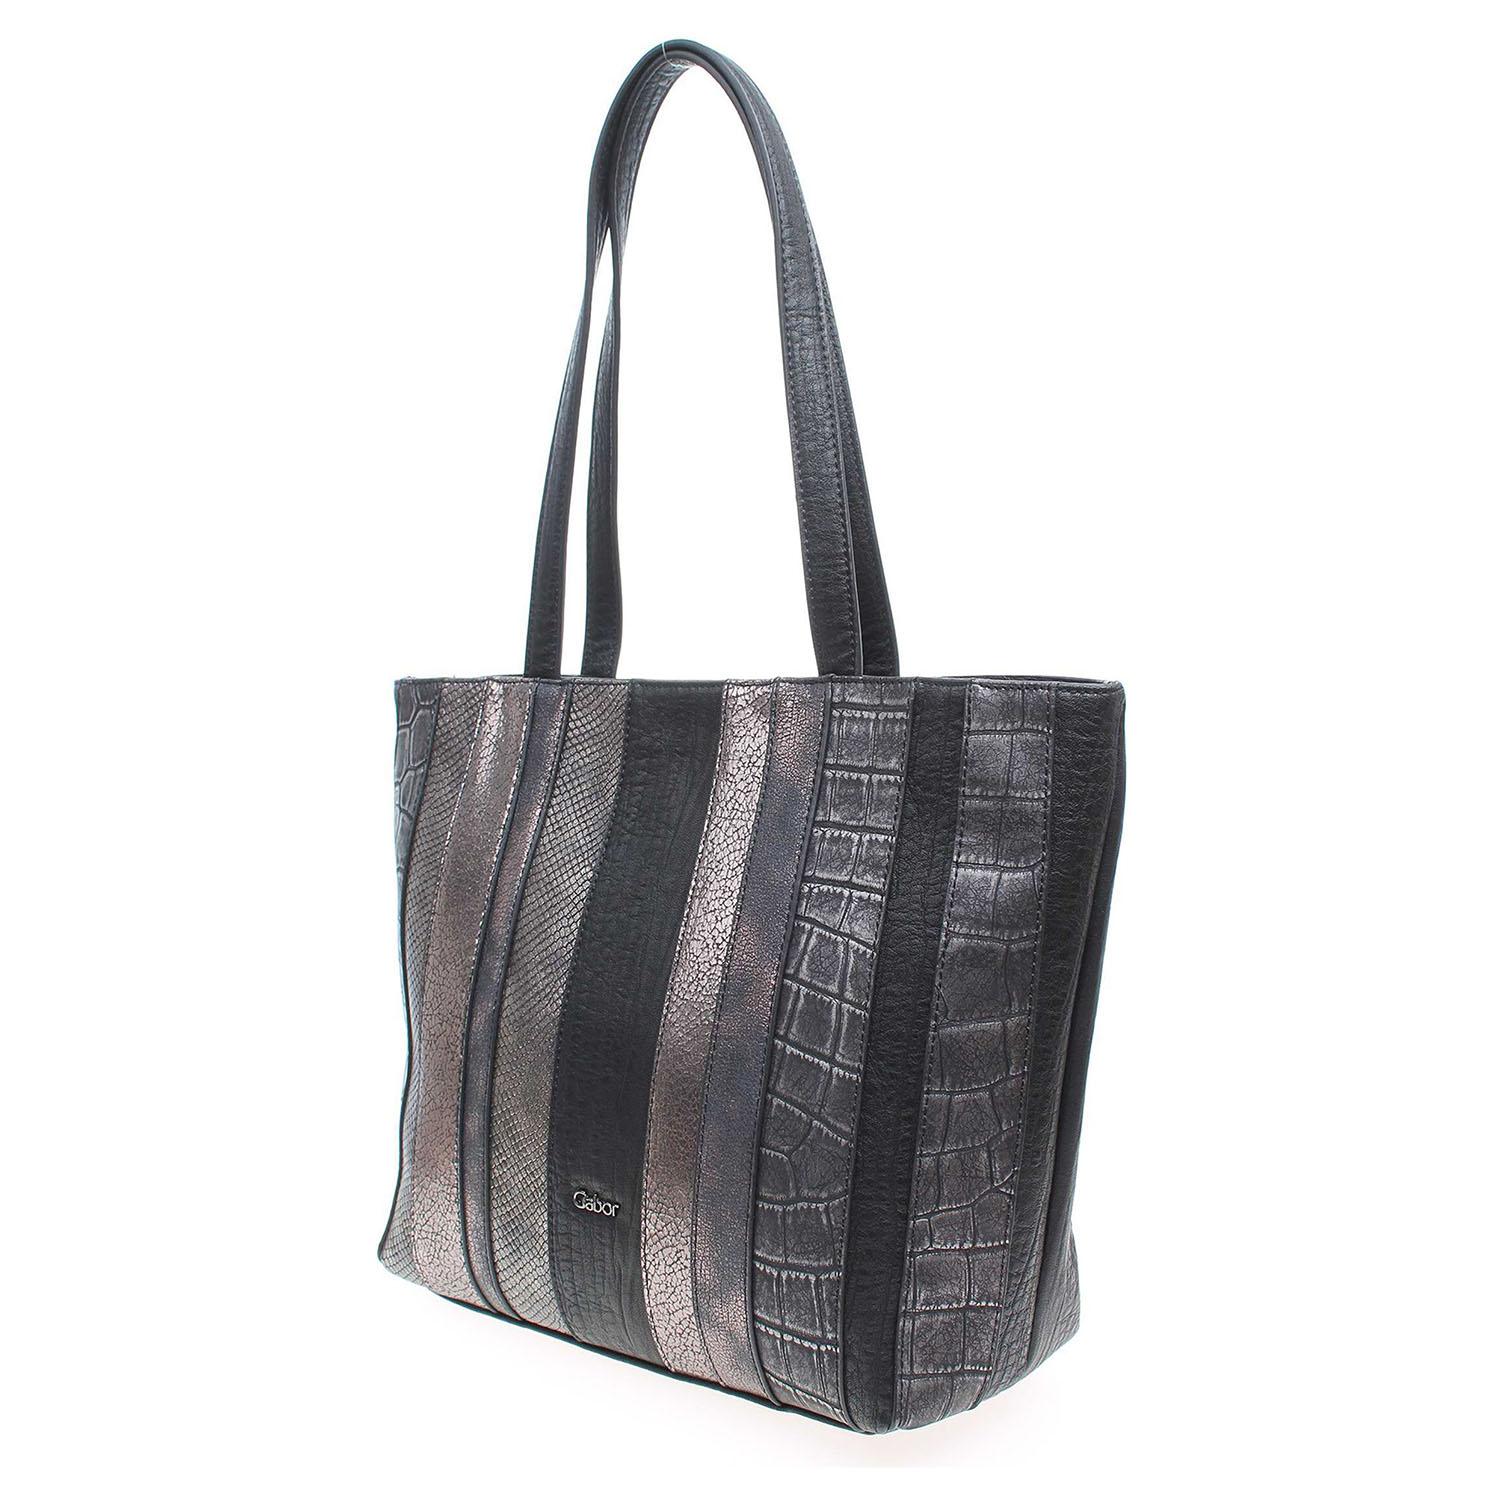 Ecco Gabor dámská kabelka 7718 60 Imola černá-stříbrná 11891231